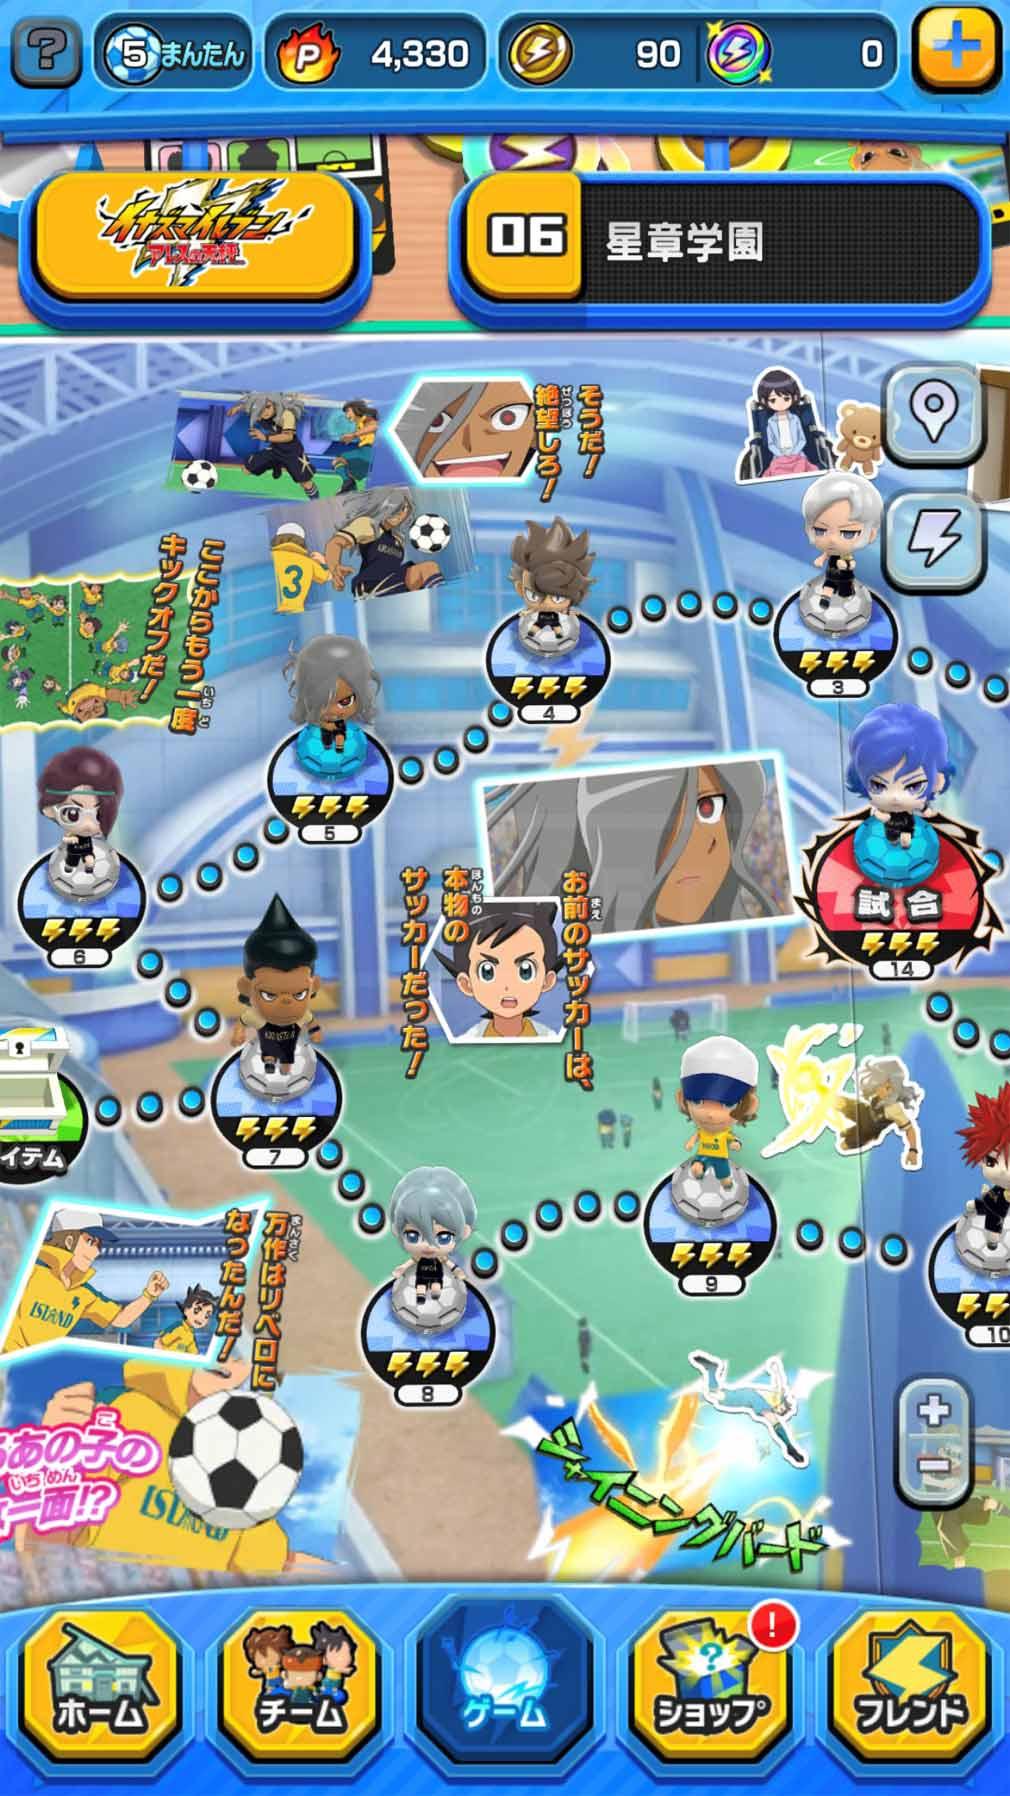 イナズマイレブン SD(イナズマSD) 『ストーリーマップ』モードスクリーンショット